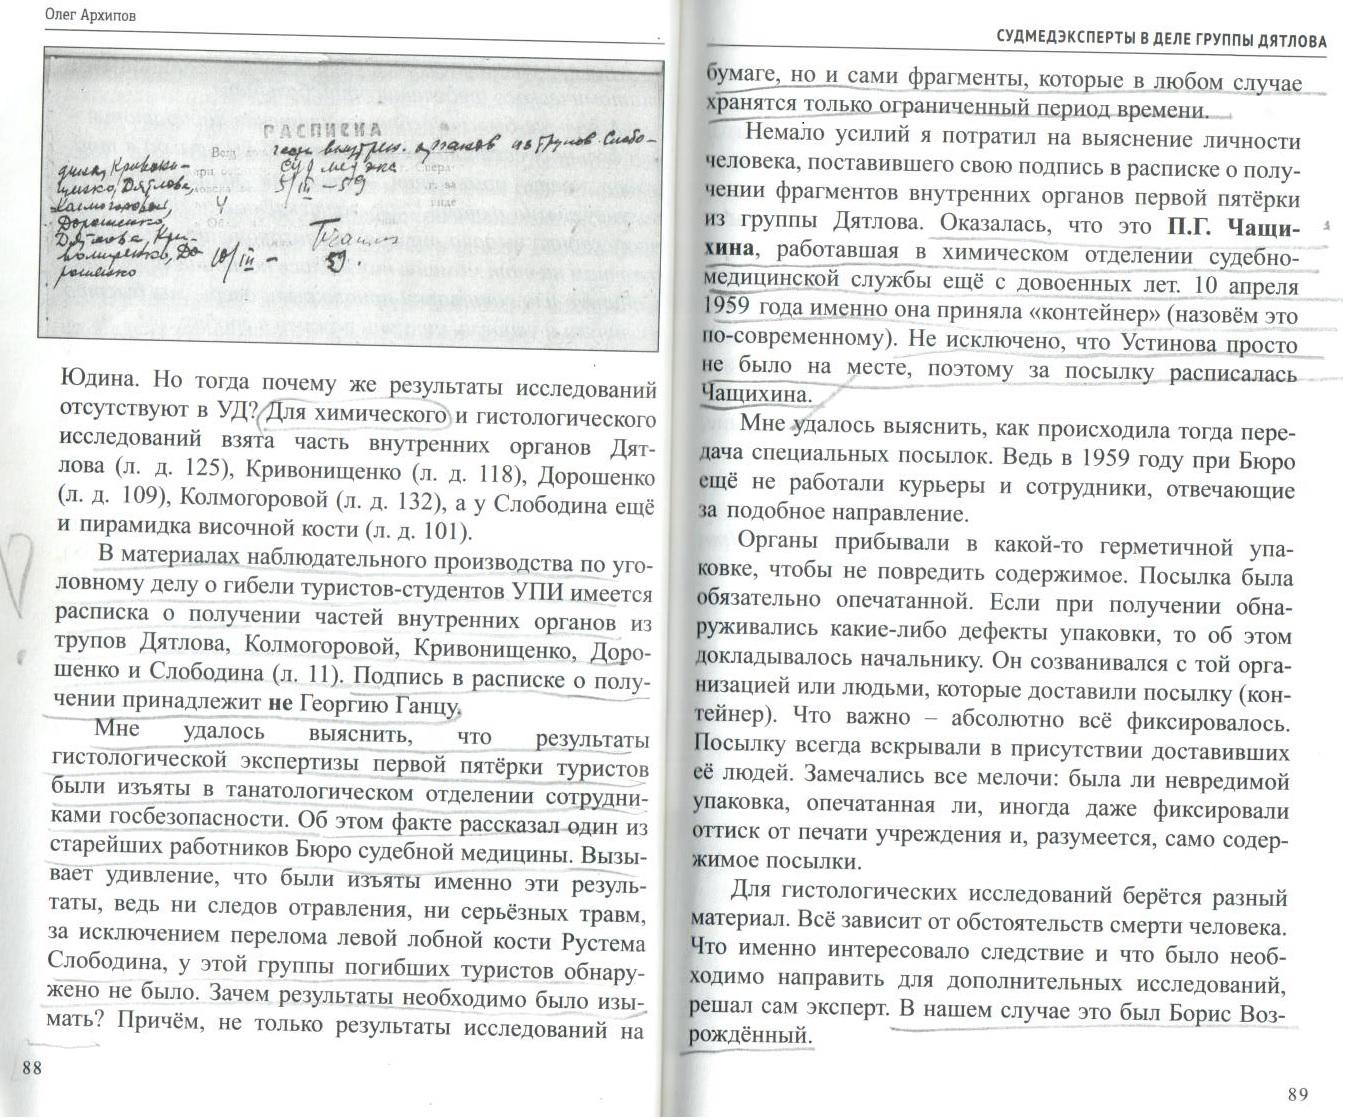 Страницы из книги Олега Архипова